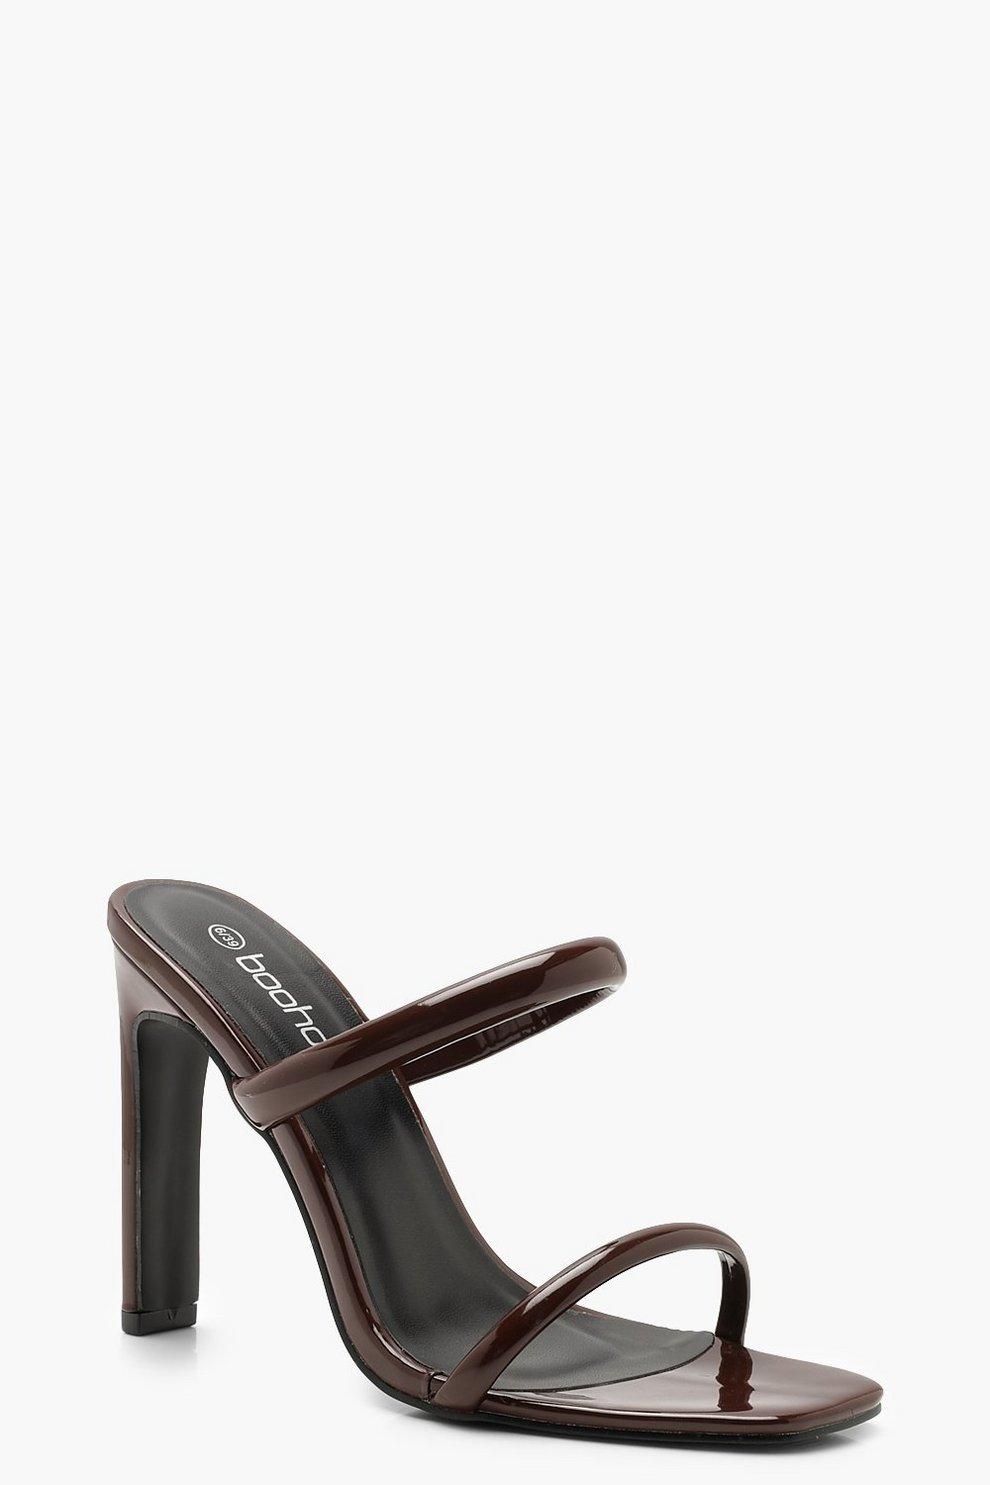 ebfabc0ed4e2 Double Strap Mule Heels